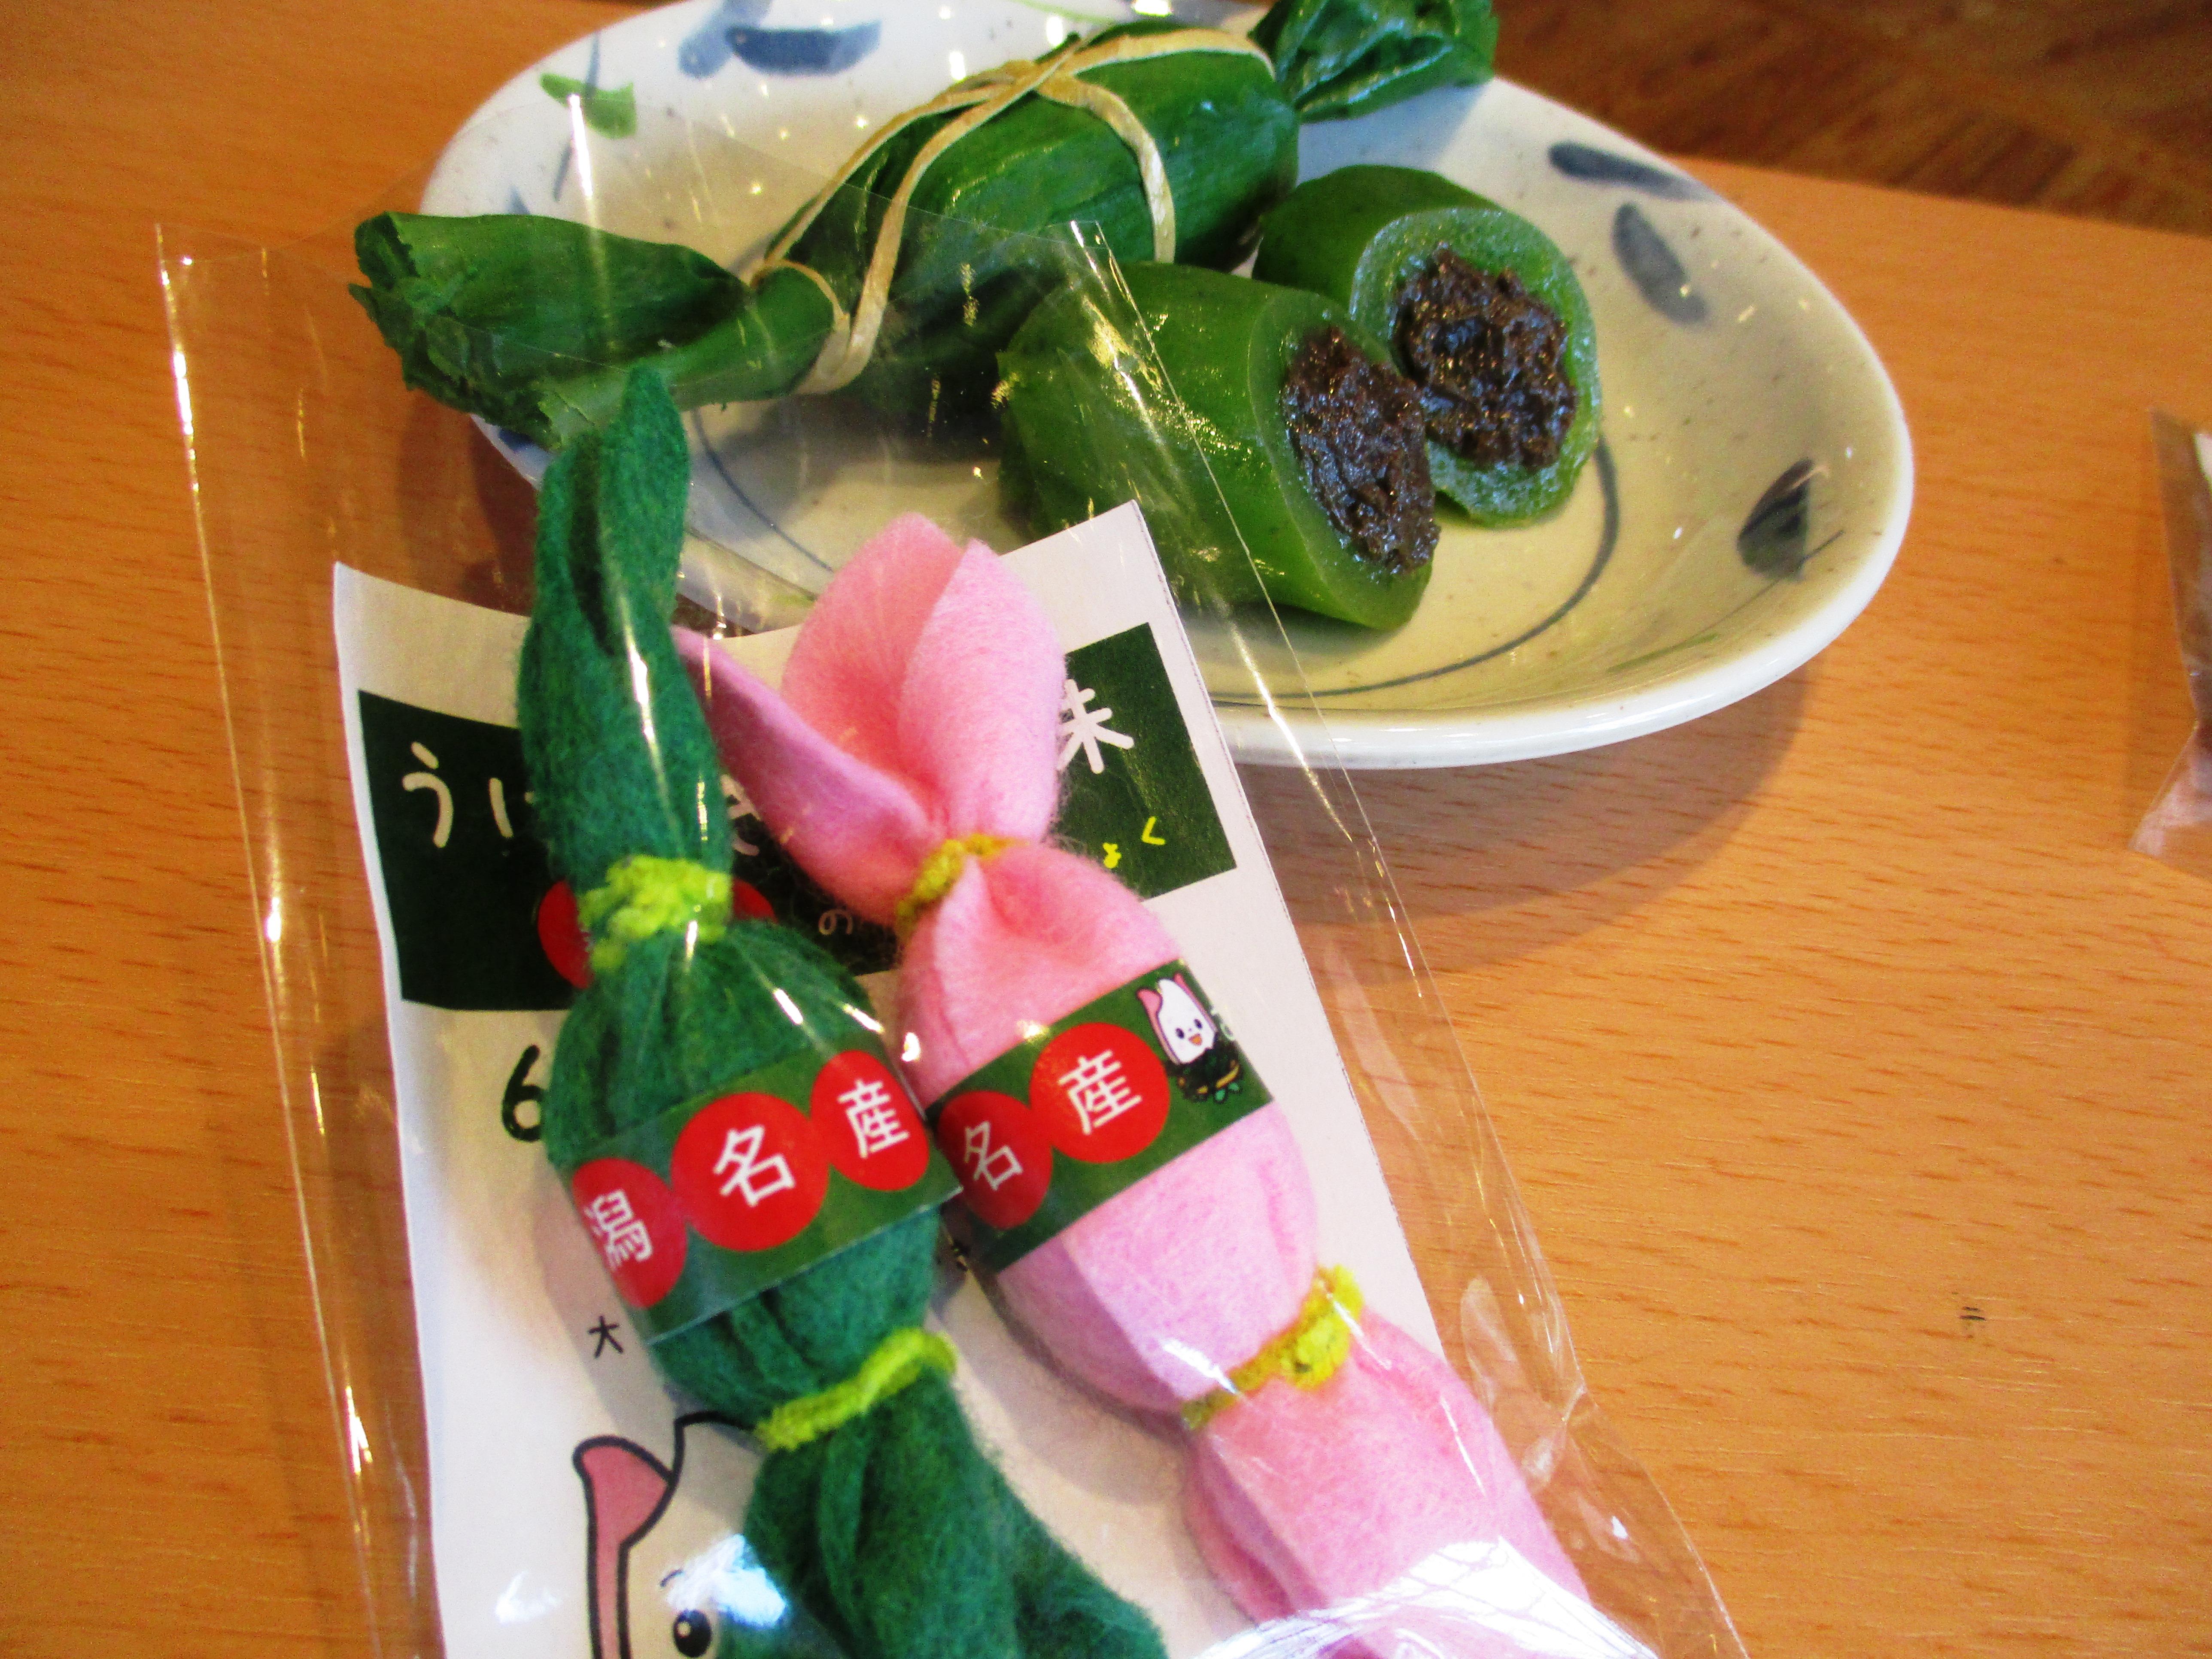 食育ミニ体験「食育工作 フェルトでミニミニ笹団子作り」